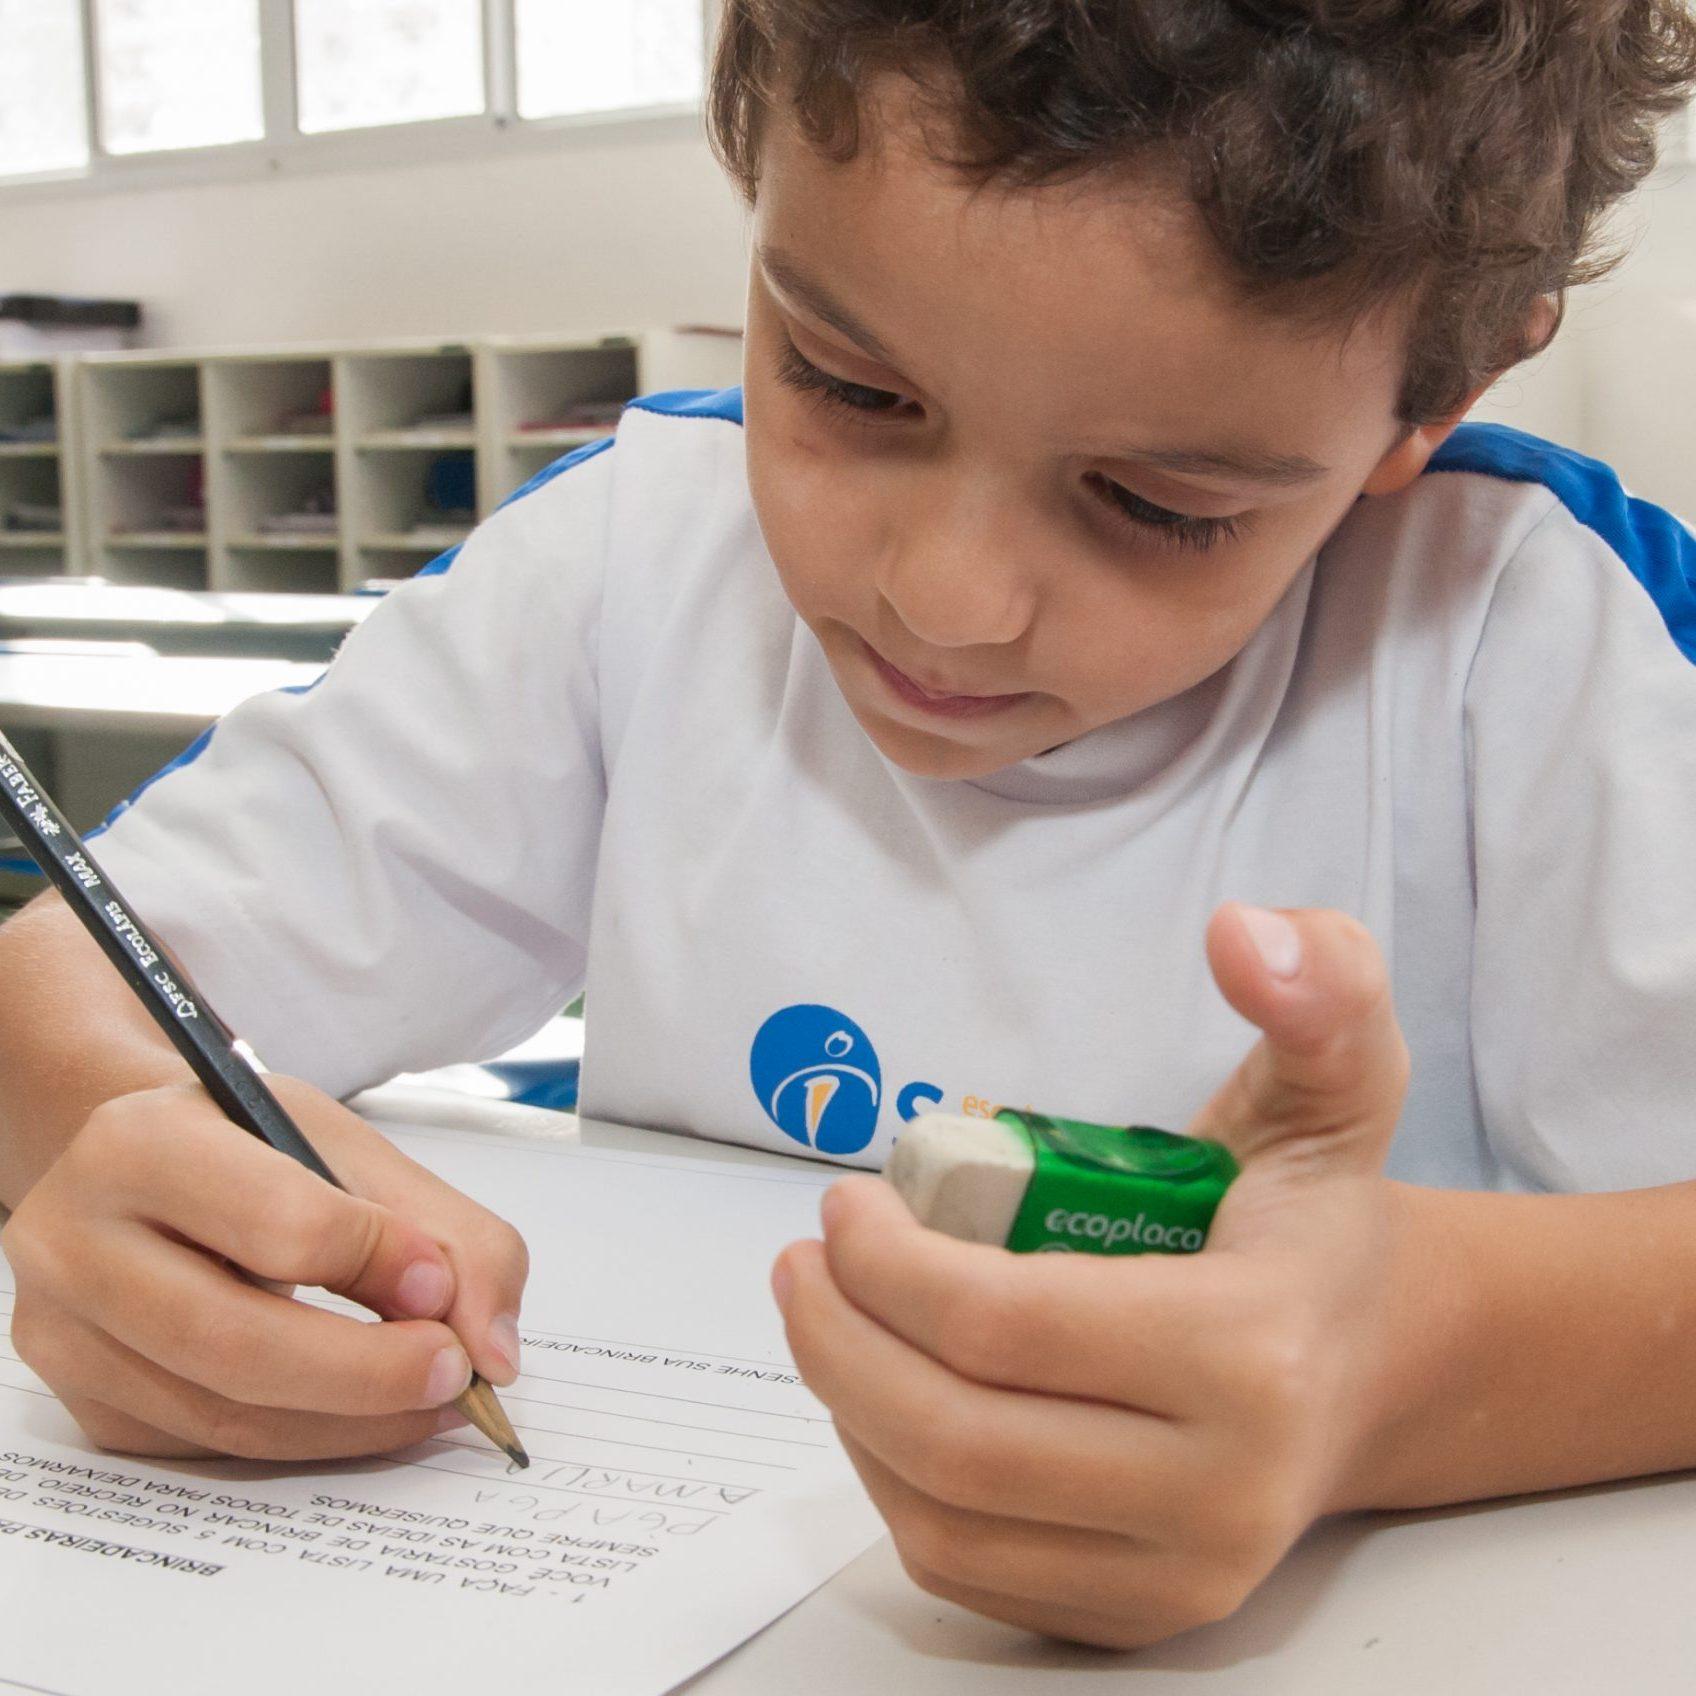 Por Que Continuar Estimulando As Crianças A Escreverem à Mão?